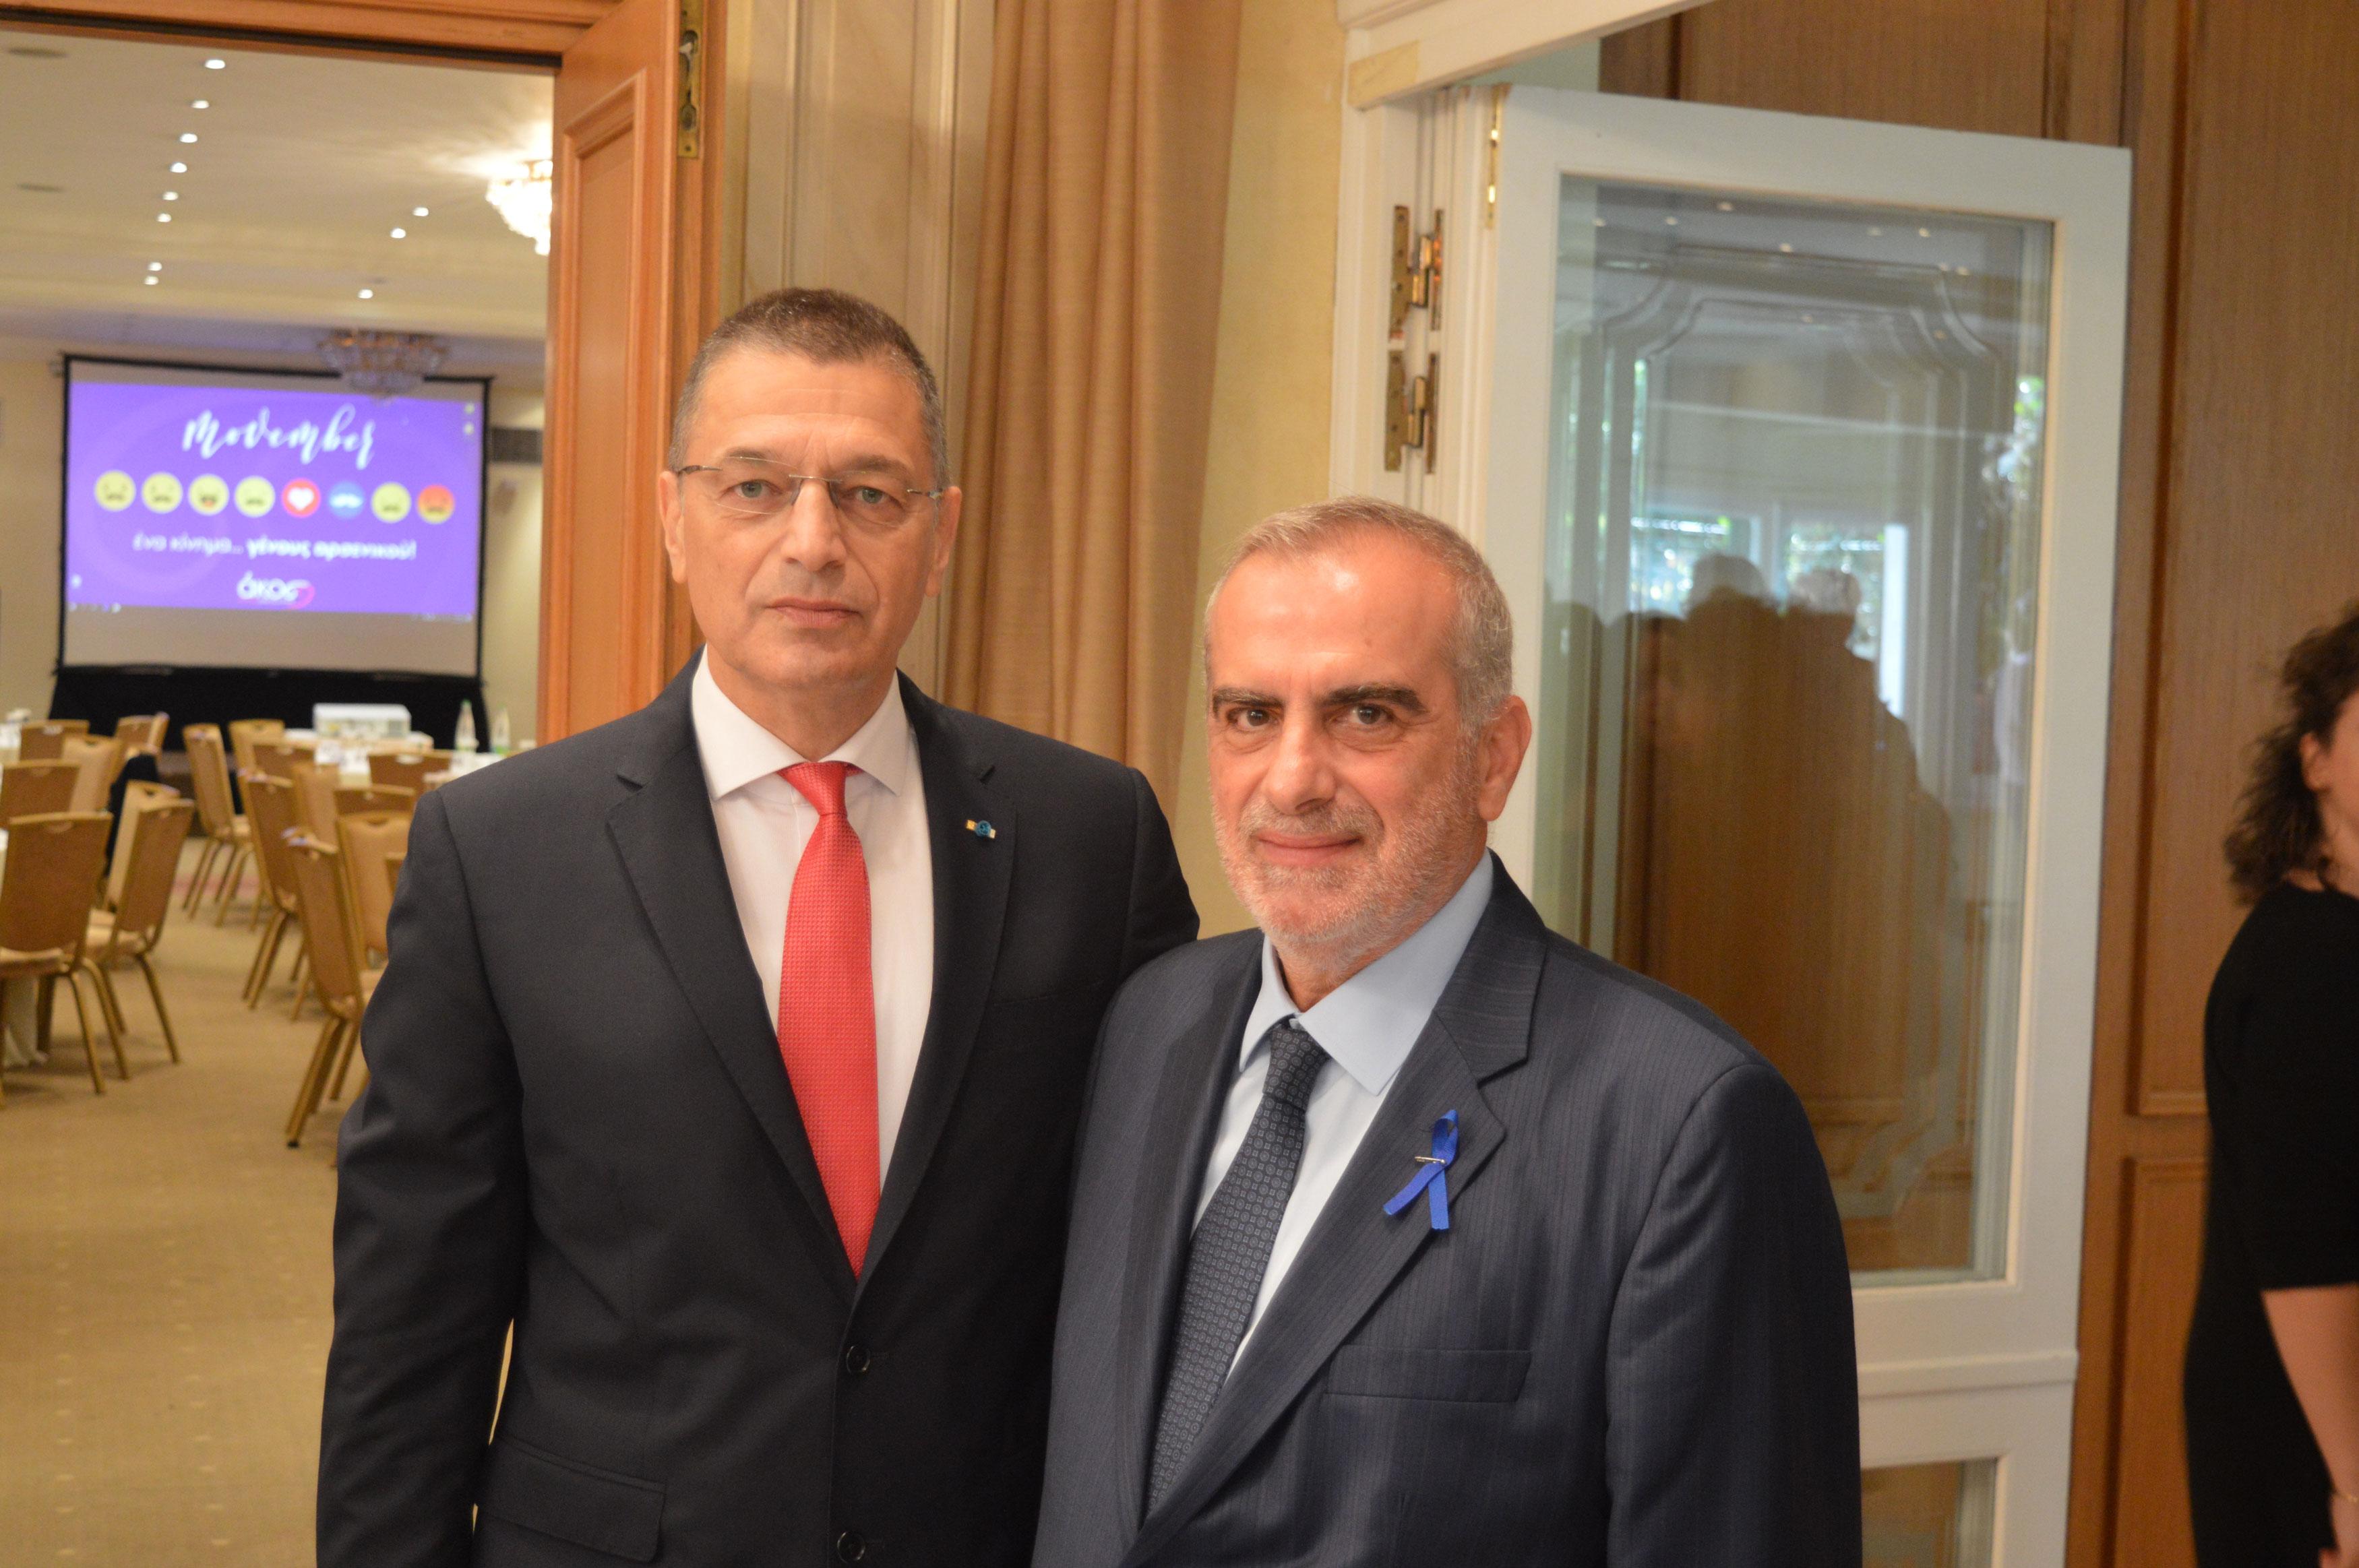 Ο υφυπουργός Άμυνας Αλκιβιάδης Στεφανής και ο αντιπρόεδρος της ΑΚΟΣ Δρ. Σπύρος Γκούβαλης.